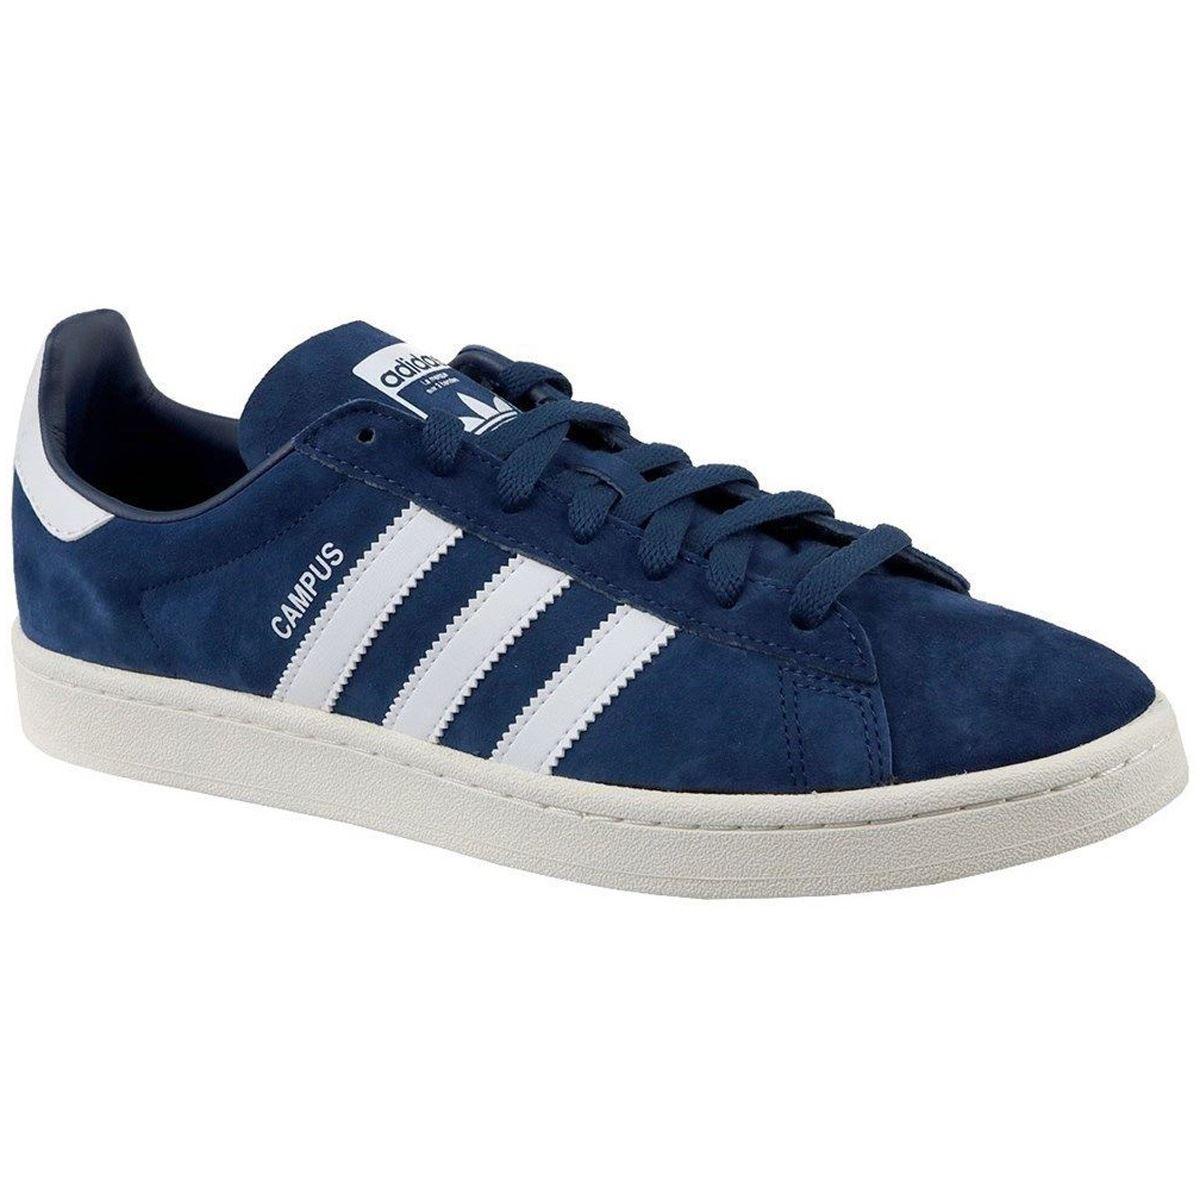 Detalles de Adidas Campus Calzado Azul Oscuro Blanco Para hombre Nubuck Bajo Superior Zapatillas Tenis ver título original